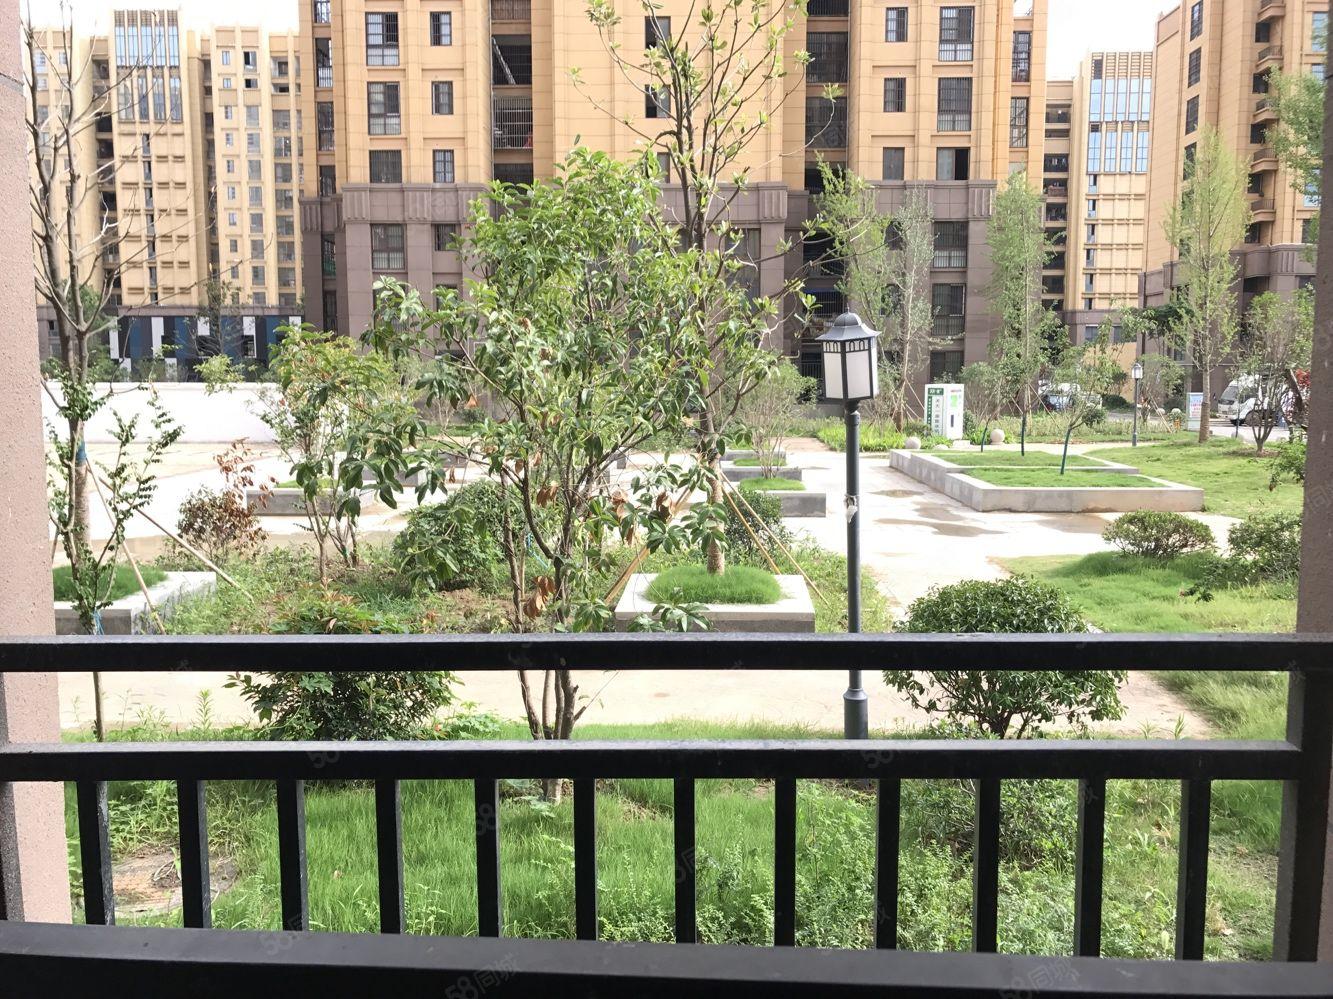 楊莊花園1樓,3室2廳1衛,130平米,毛坯房,看房有鑰匙